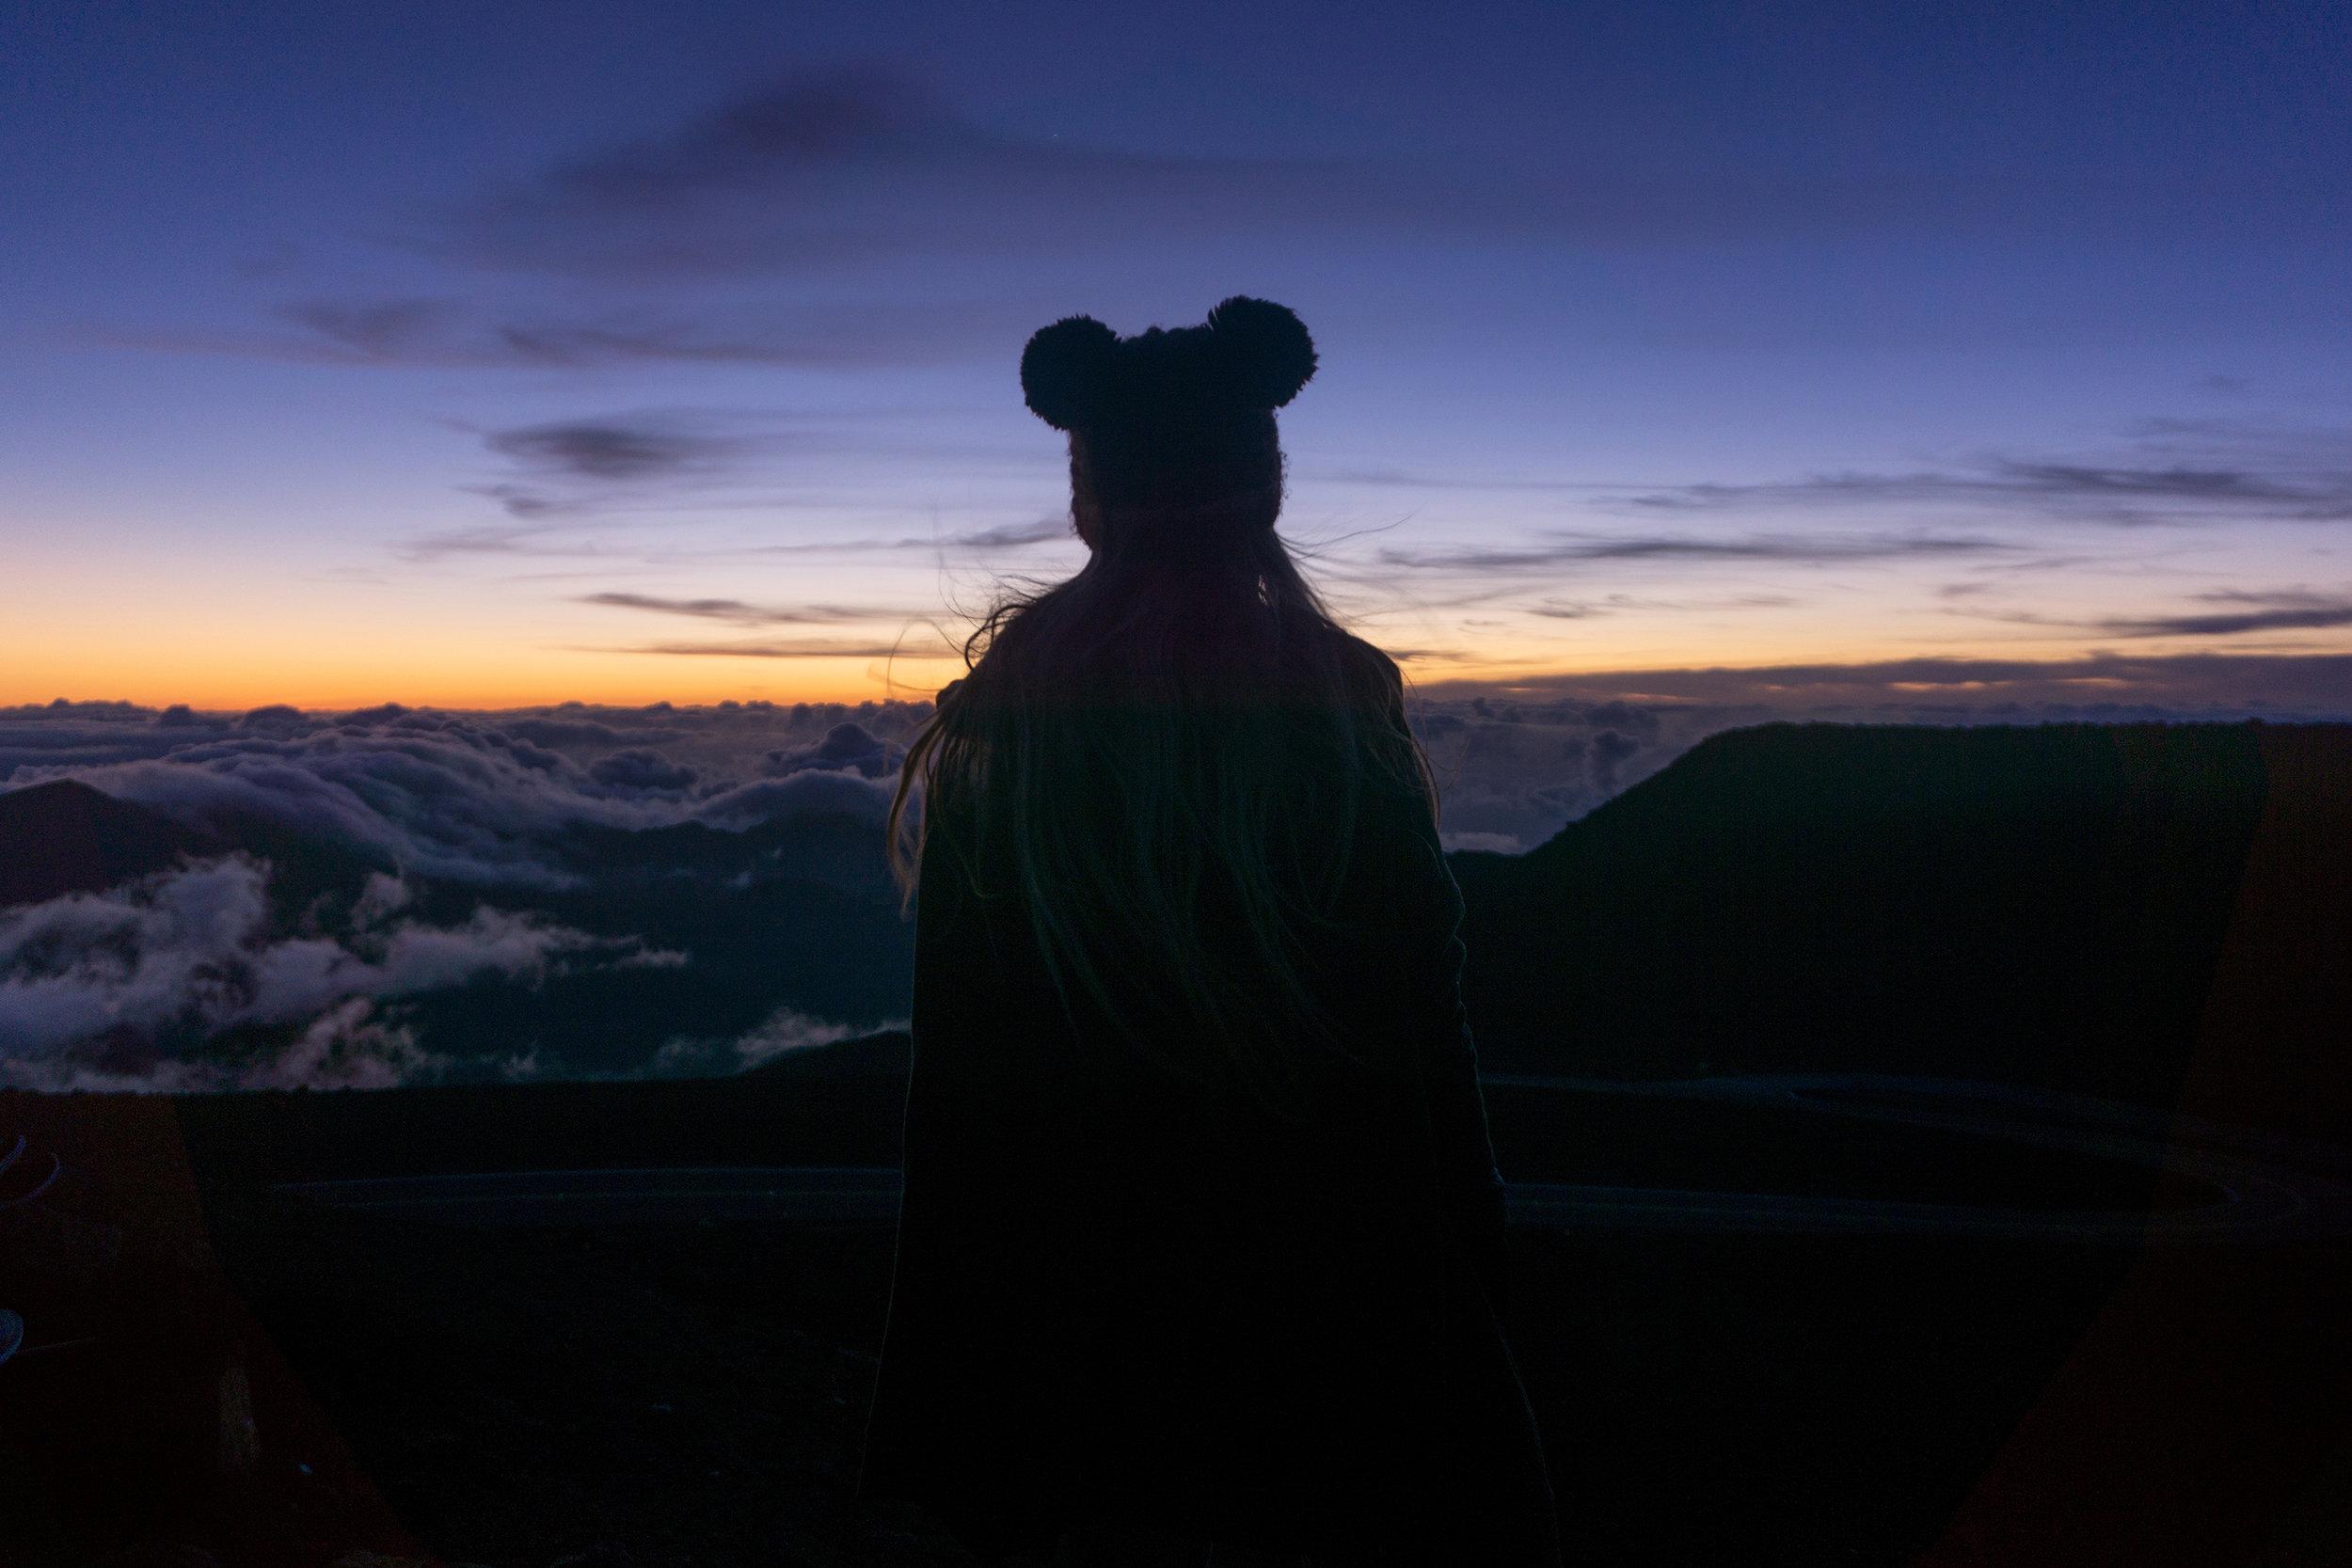 AstroBandit_Maui_Hawaii_JordanRose_Haleakala_Sunrise_34.jpg